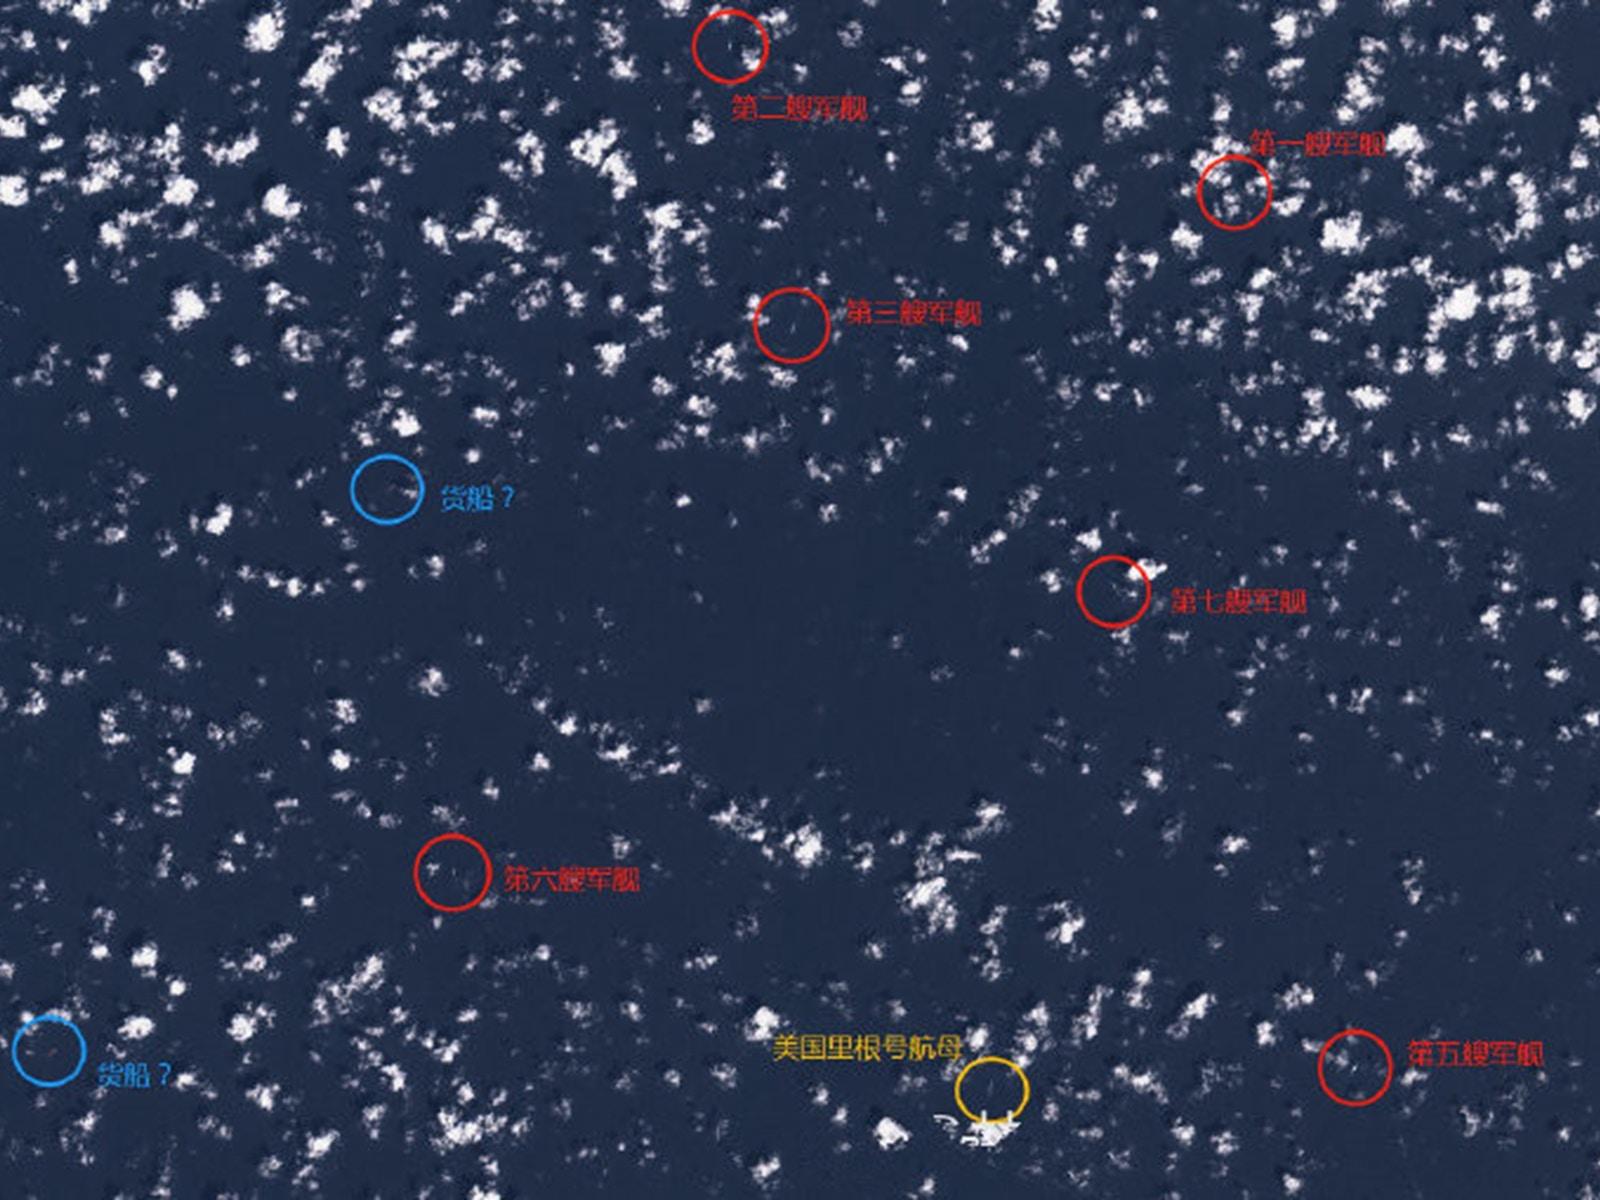 Đơn thương độc mã vào biển Đông, tàu sân bay Mỹ Ronald Reagan bị 7 chiến hạm Trung Quốc vây? - Ảnh 2.